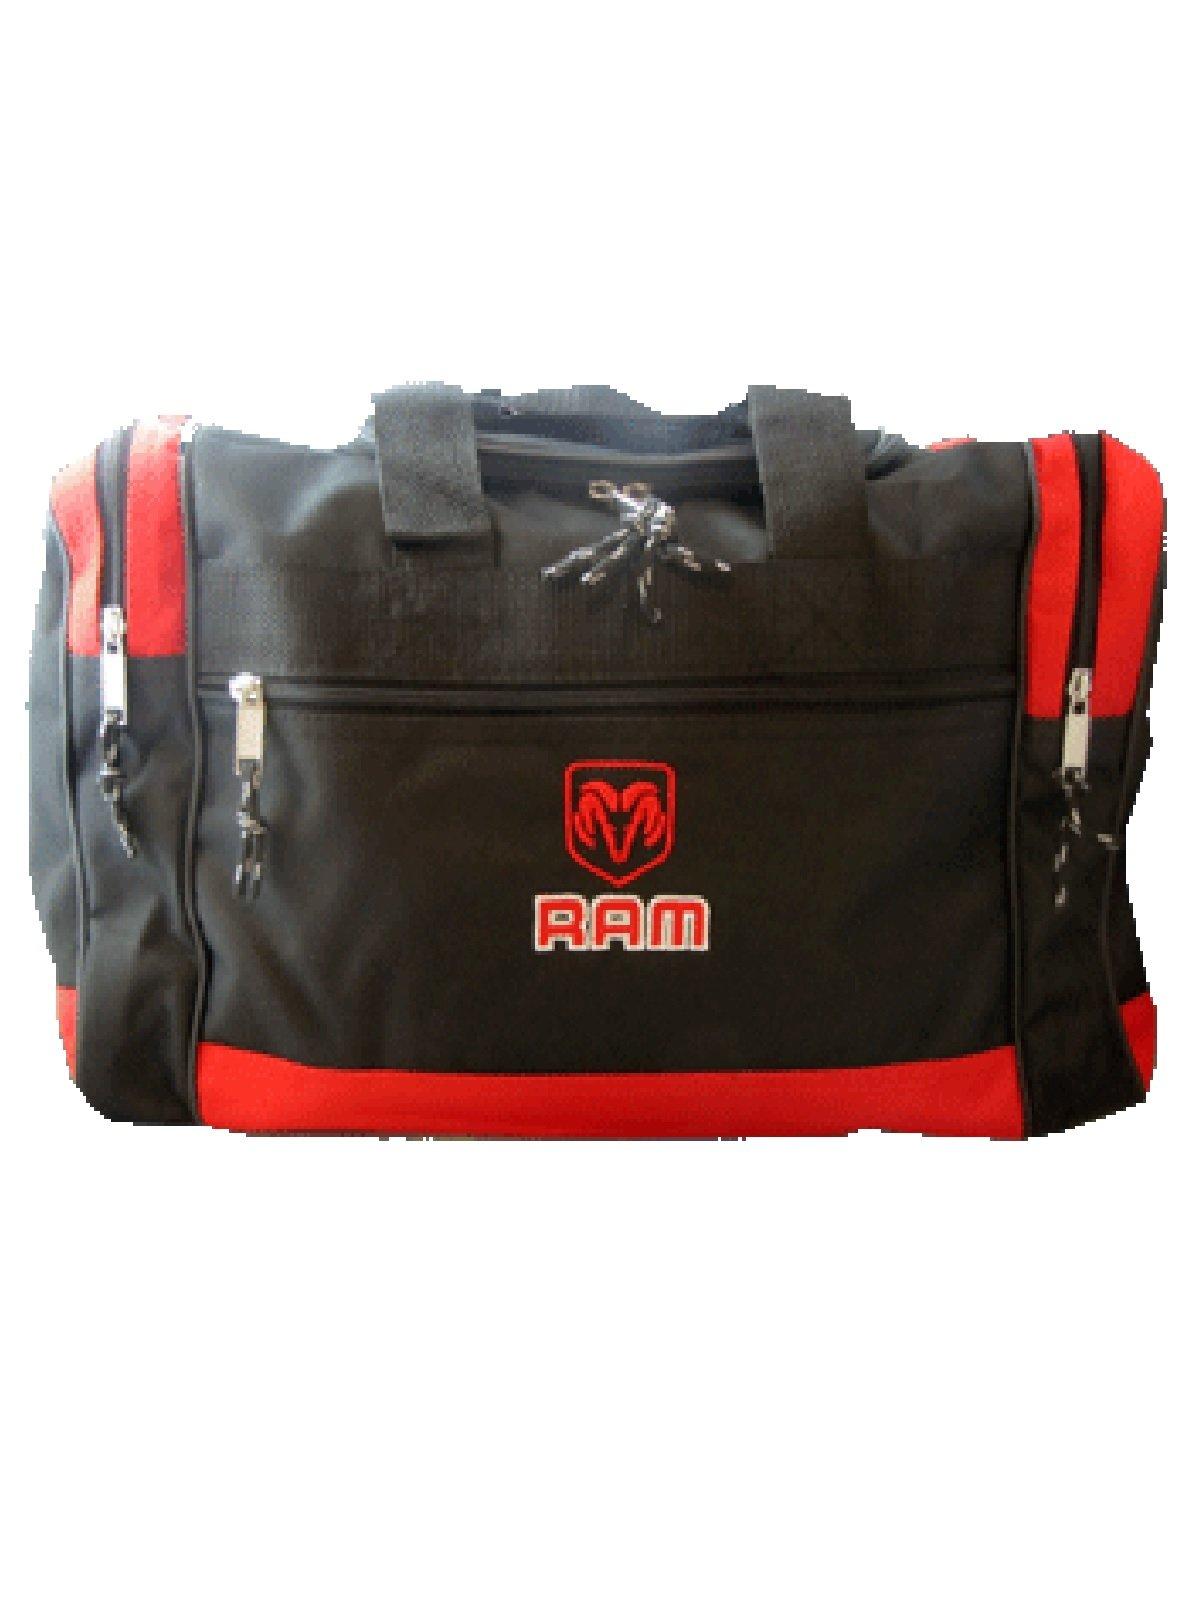 Ram Duffel Bag